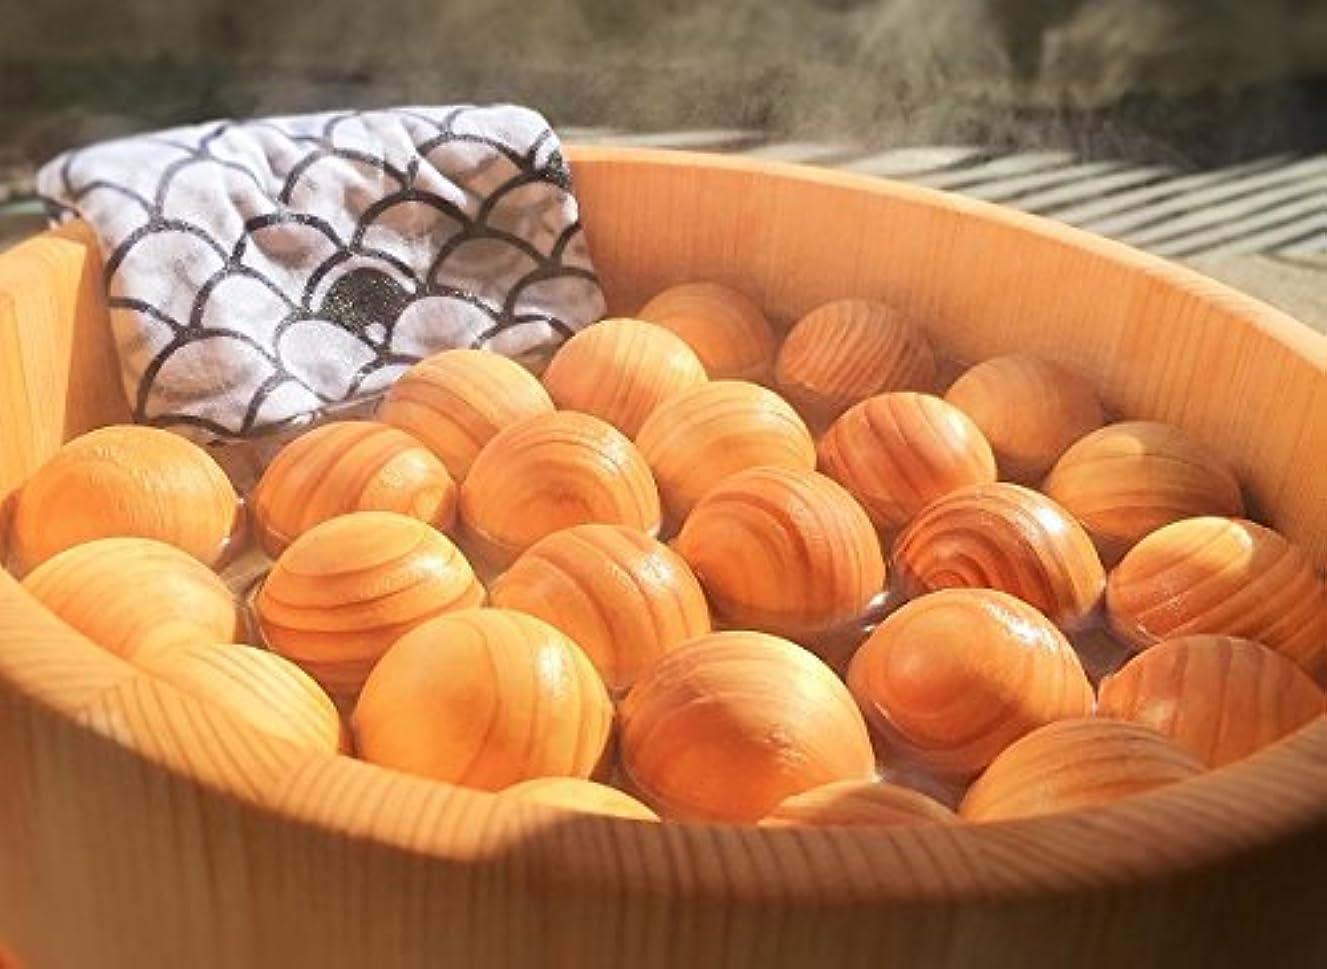 風景豆腐酔ったお得な3.5cm檜ボール25球入りと、かわいいタマゴ型(約4.2×5cm)檜のセットです。卵型 タマゴ型 ヒノキボール 檜ボール 桧ボール ひのきボール 玉